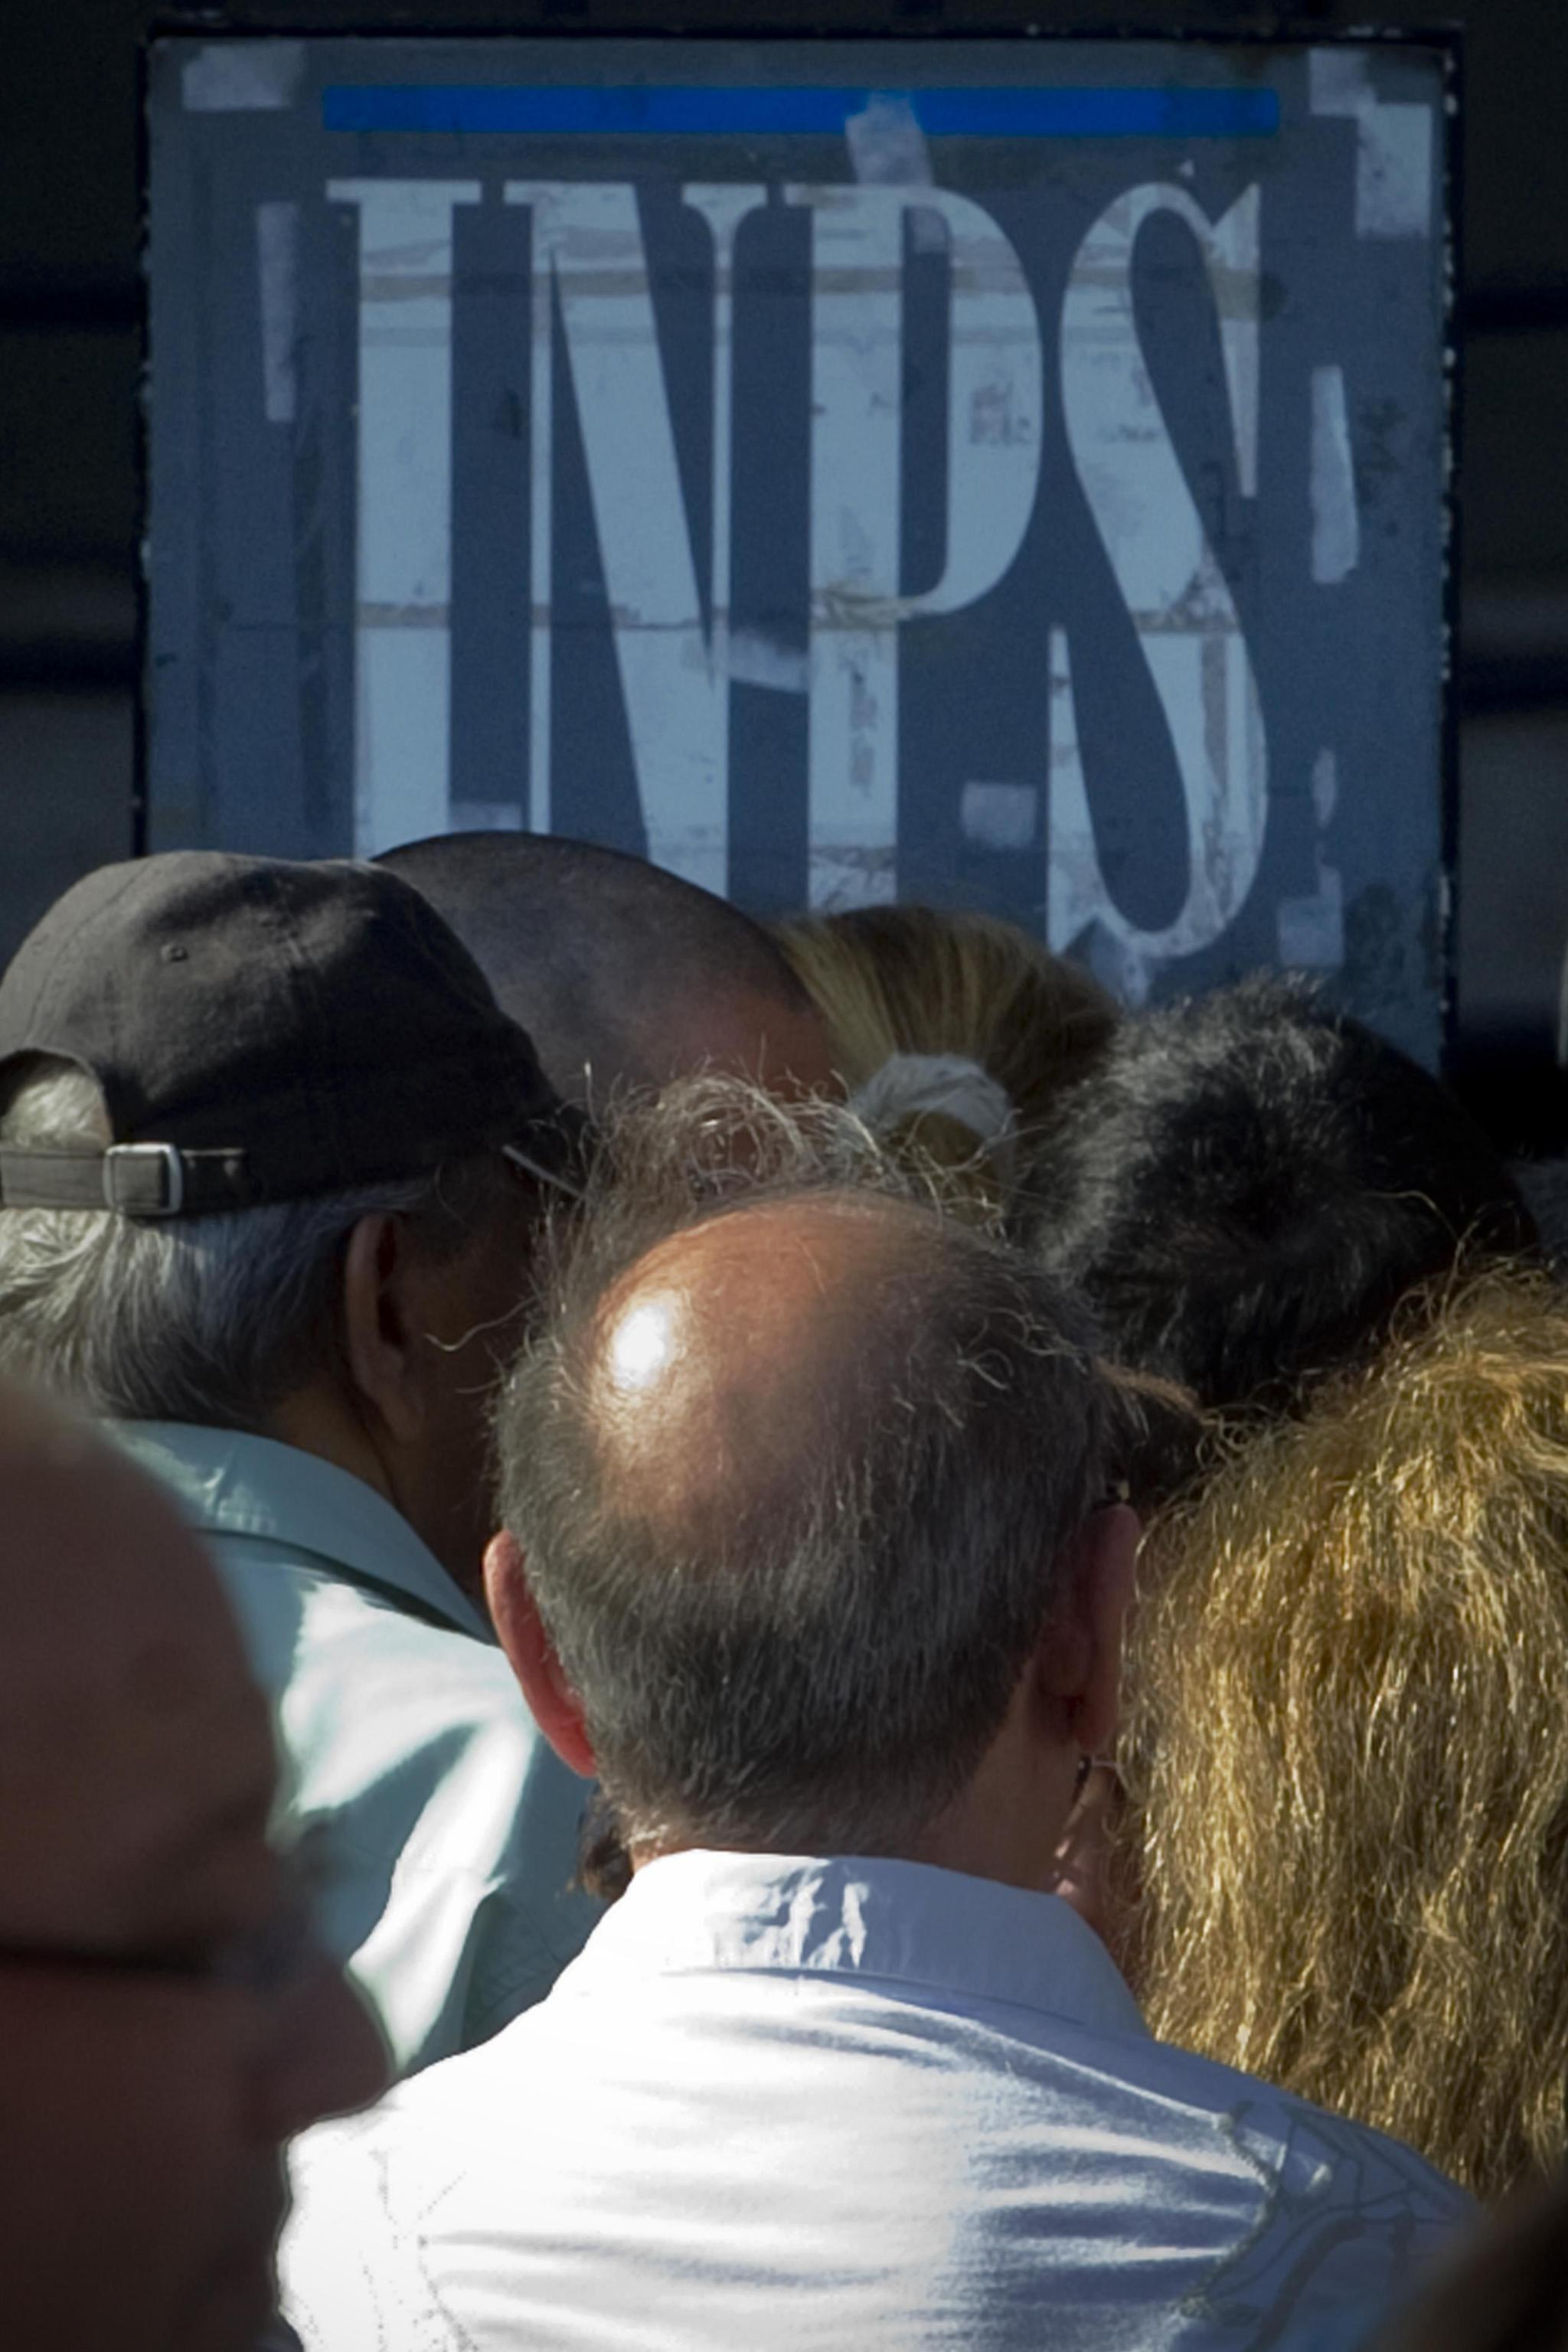 Pensioni ultime novità: INPS chiede la restituzione di somme pagate in più per errore